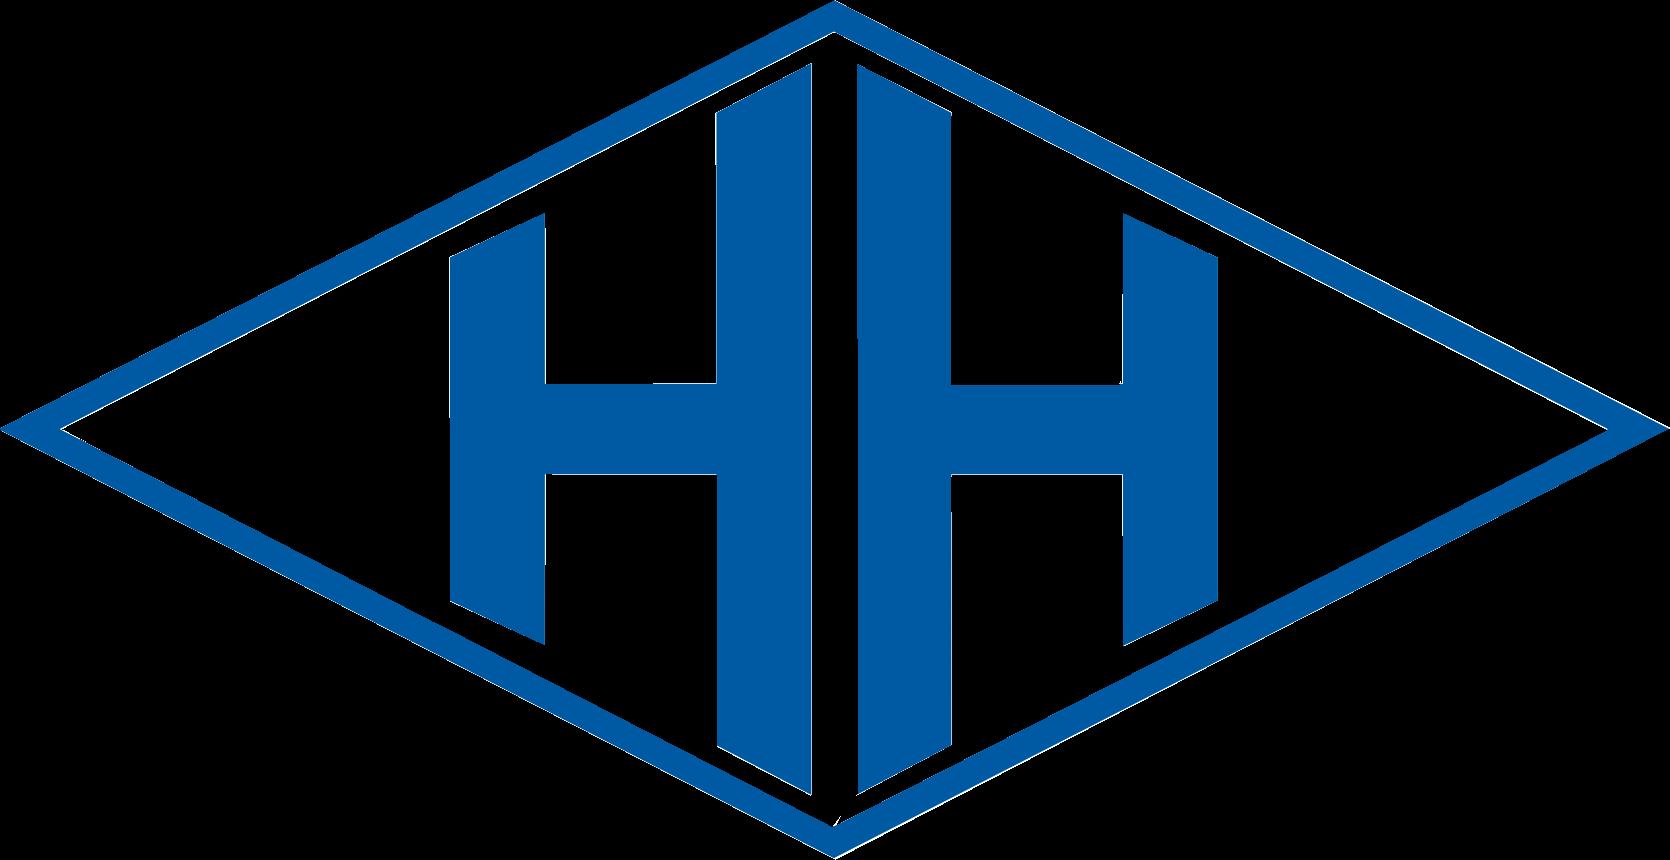 Hachenbach